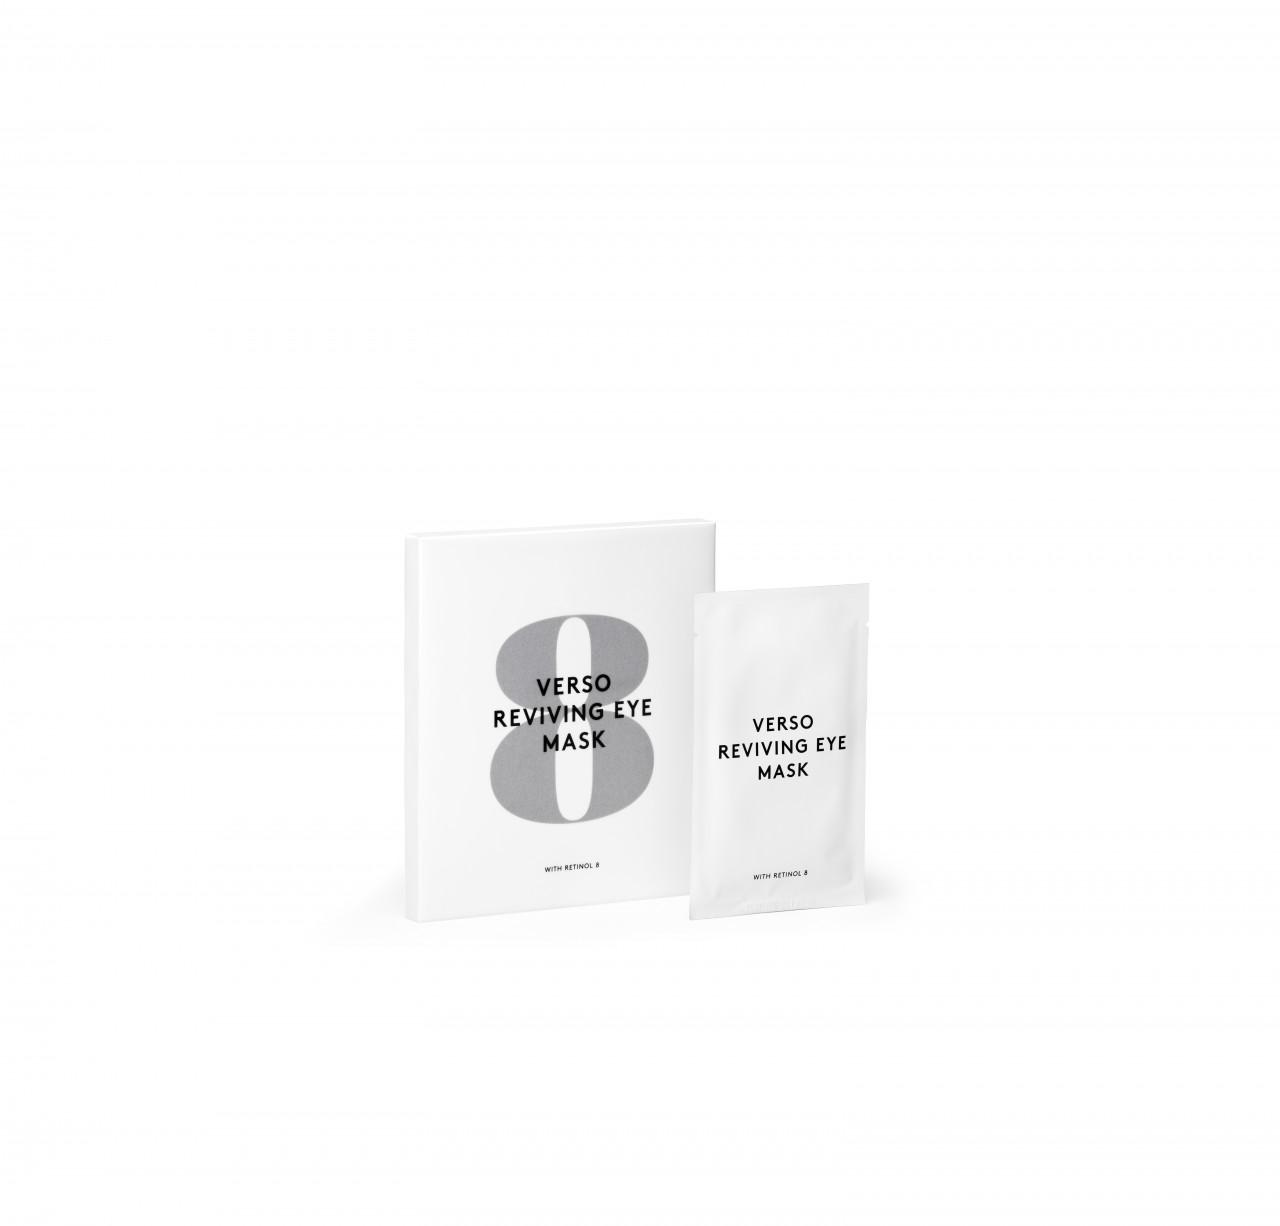 Verso Skincare Pflege Gesichtspflege Reviving Eye Mask 4 Stk.